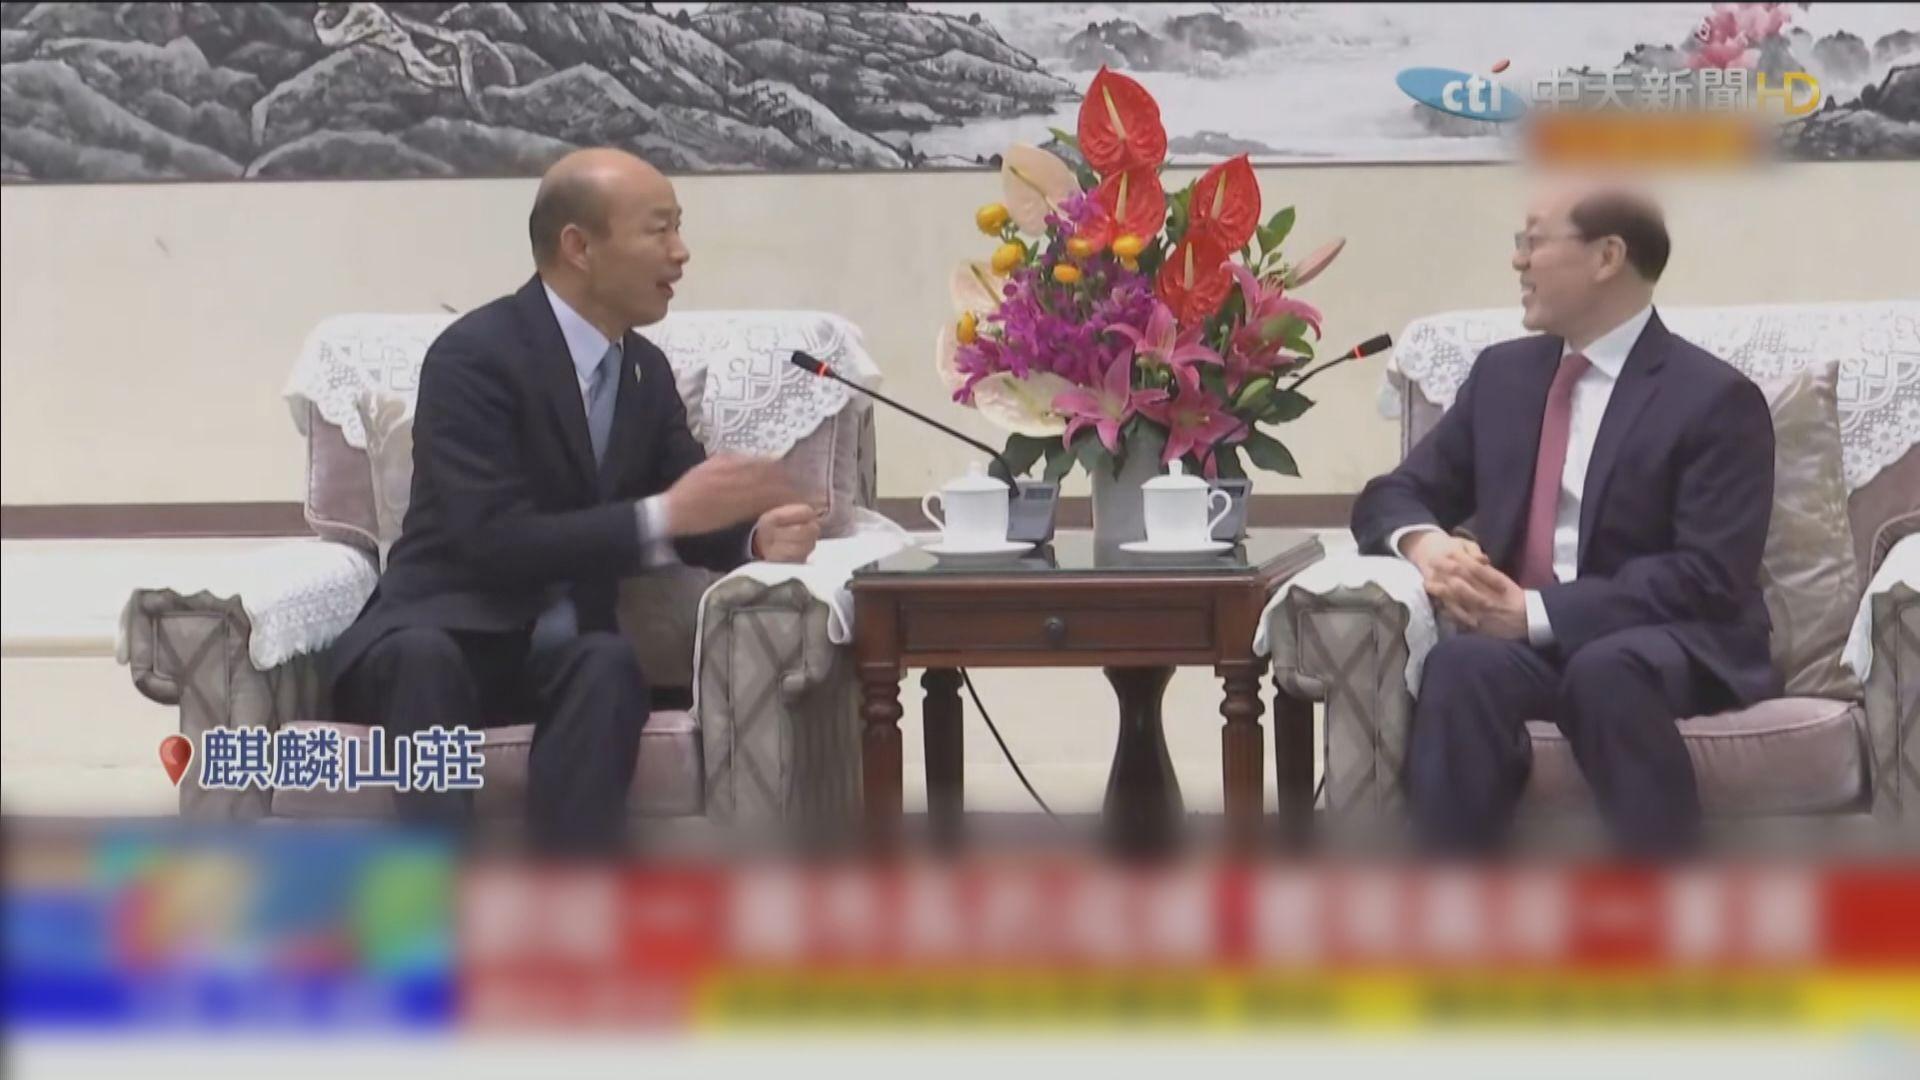 劉結一:韓國瑜為高雄民眾福祉不辭勞苦